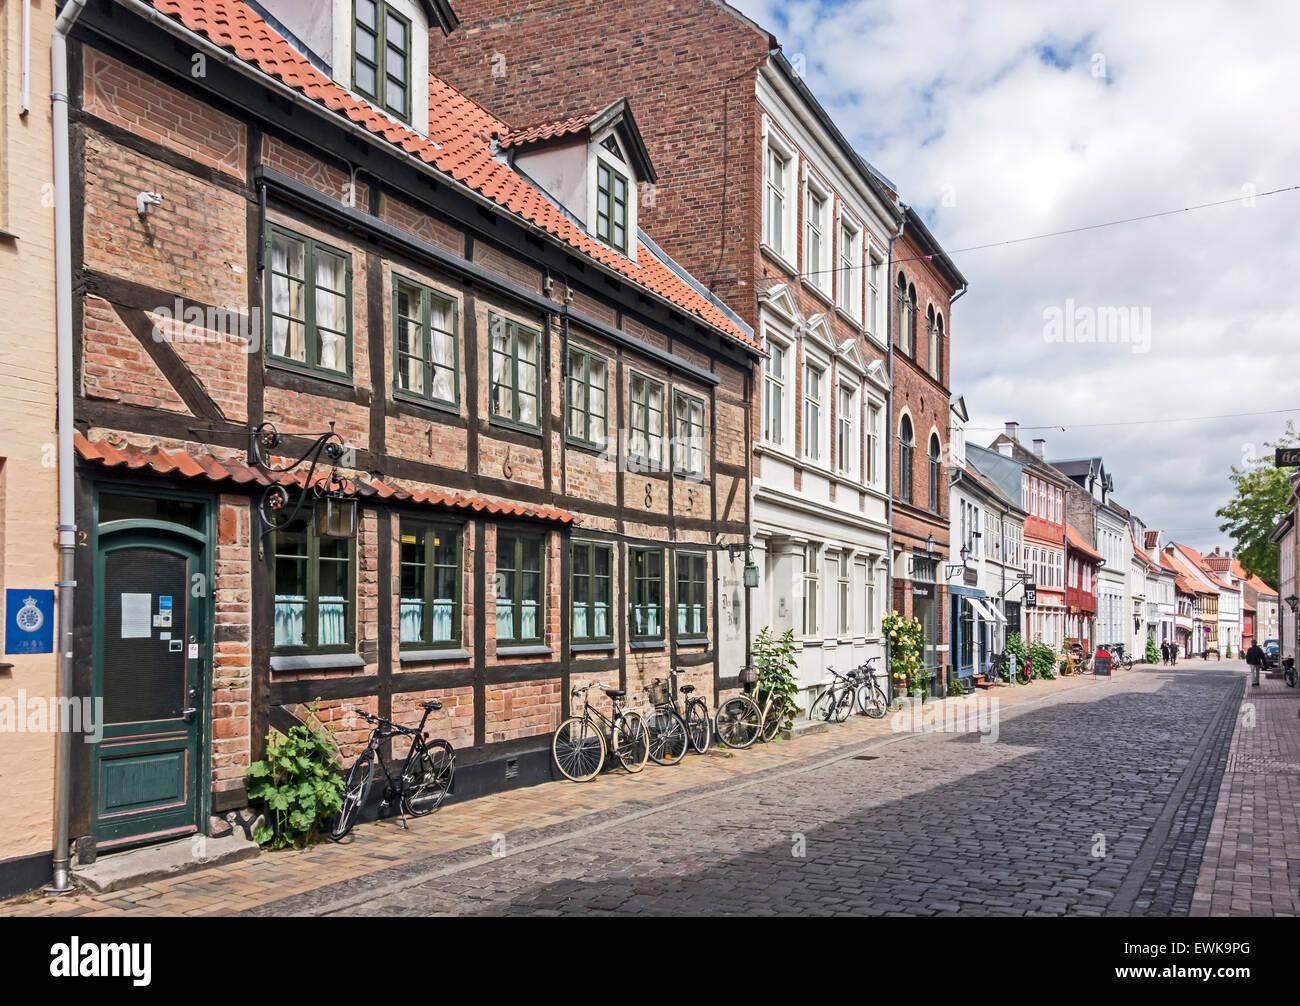 Nedergade in Odense Denmark Stock Photo: 84632648 - Alamy